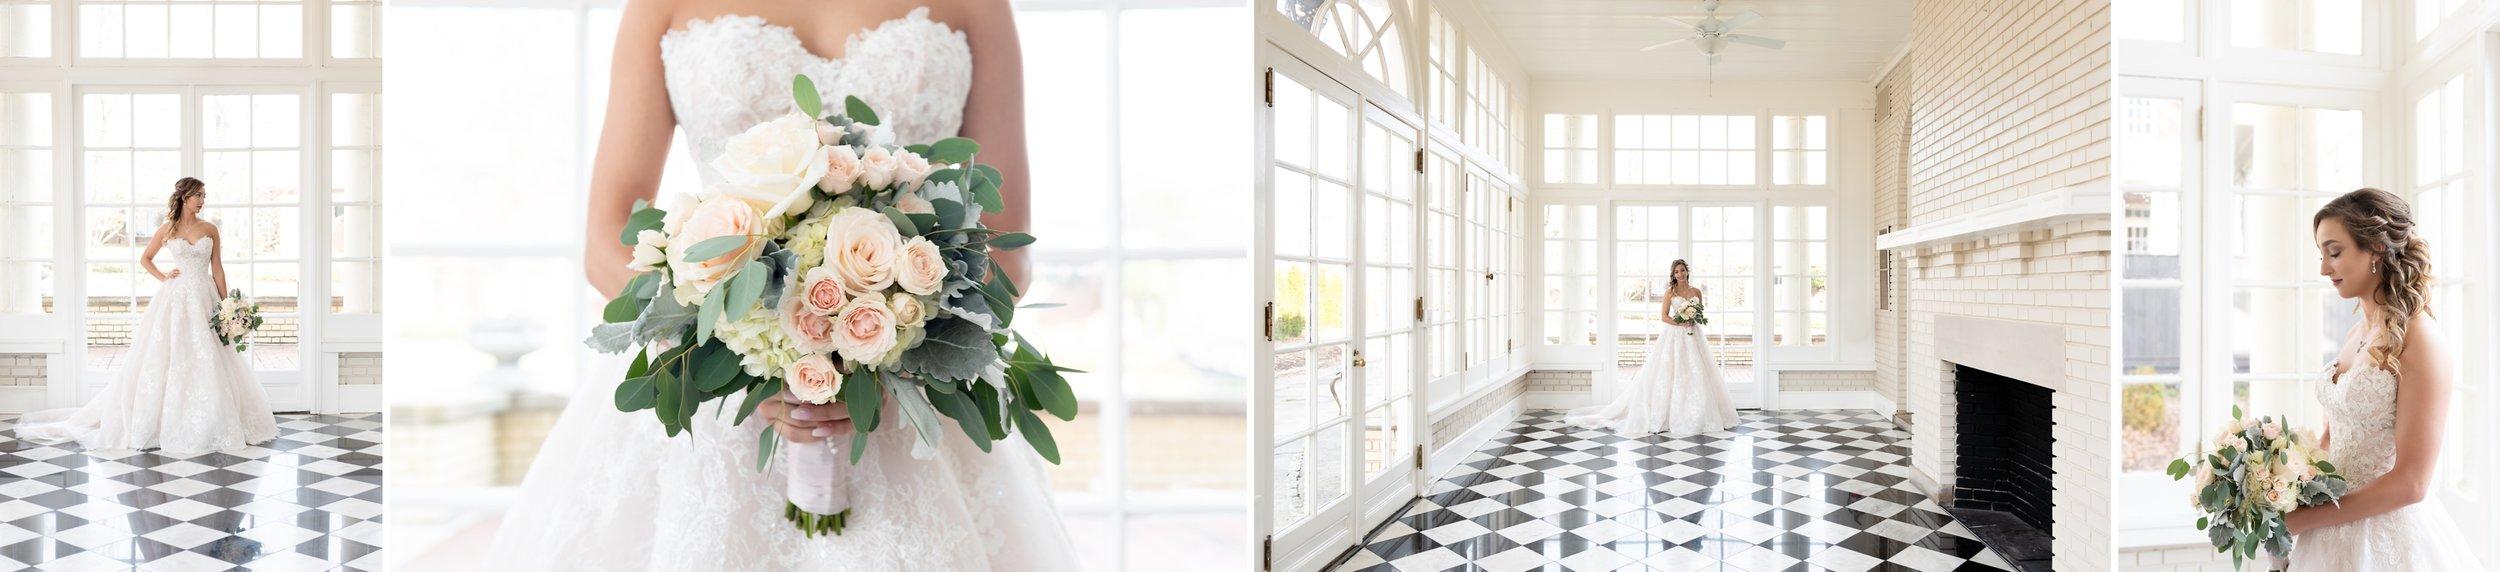 Blog Bridal 3.jpg